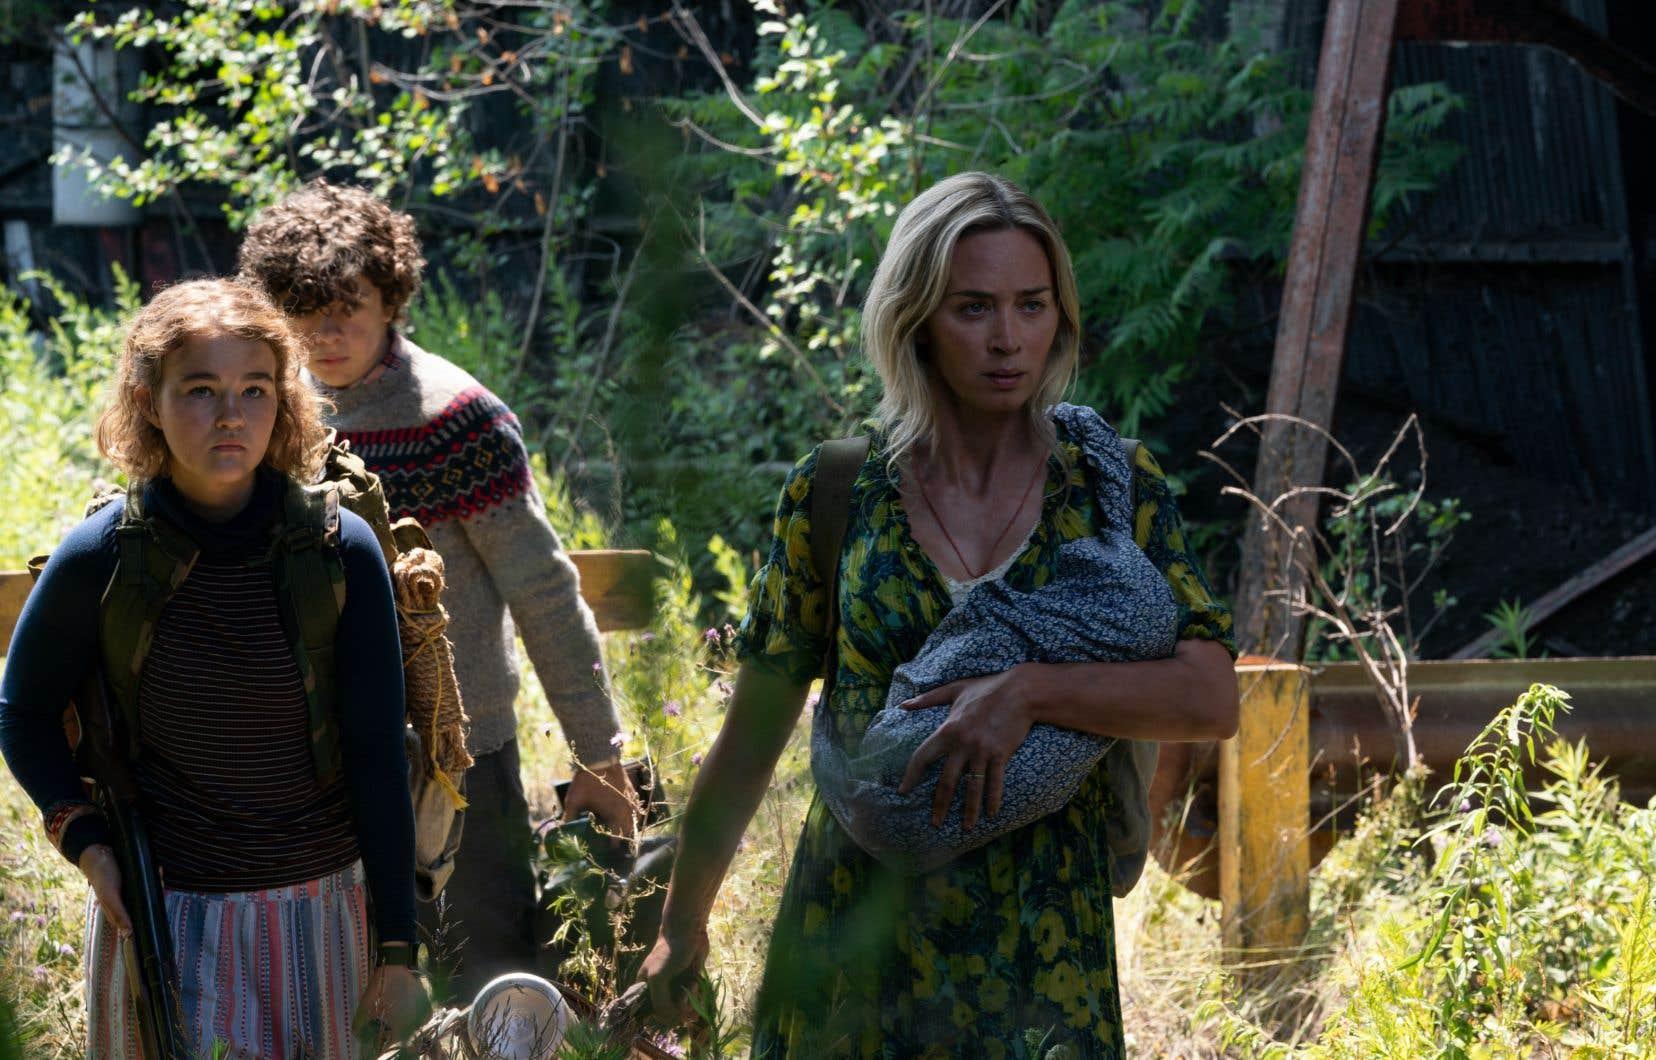 «A Quiet Place II» reprend là où le précédent opus a laissé. Désormais seule avec ses trois enfants, Megan, Marcus et ce nourrisson qui peut se mettre à pleurer à tout moment, Evelyn (Emily Blunt) doit quitter la ferme dévastée.